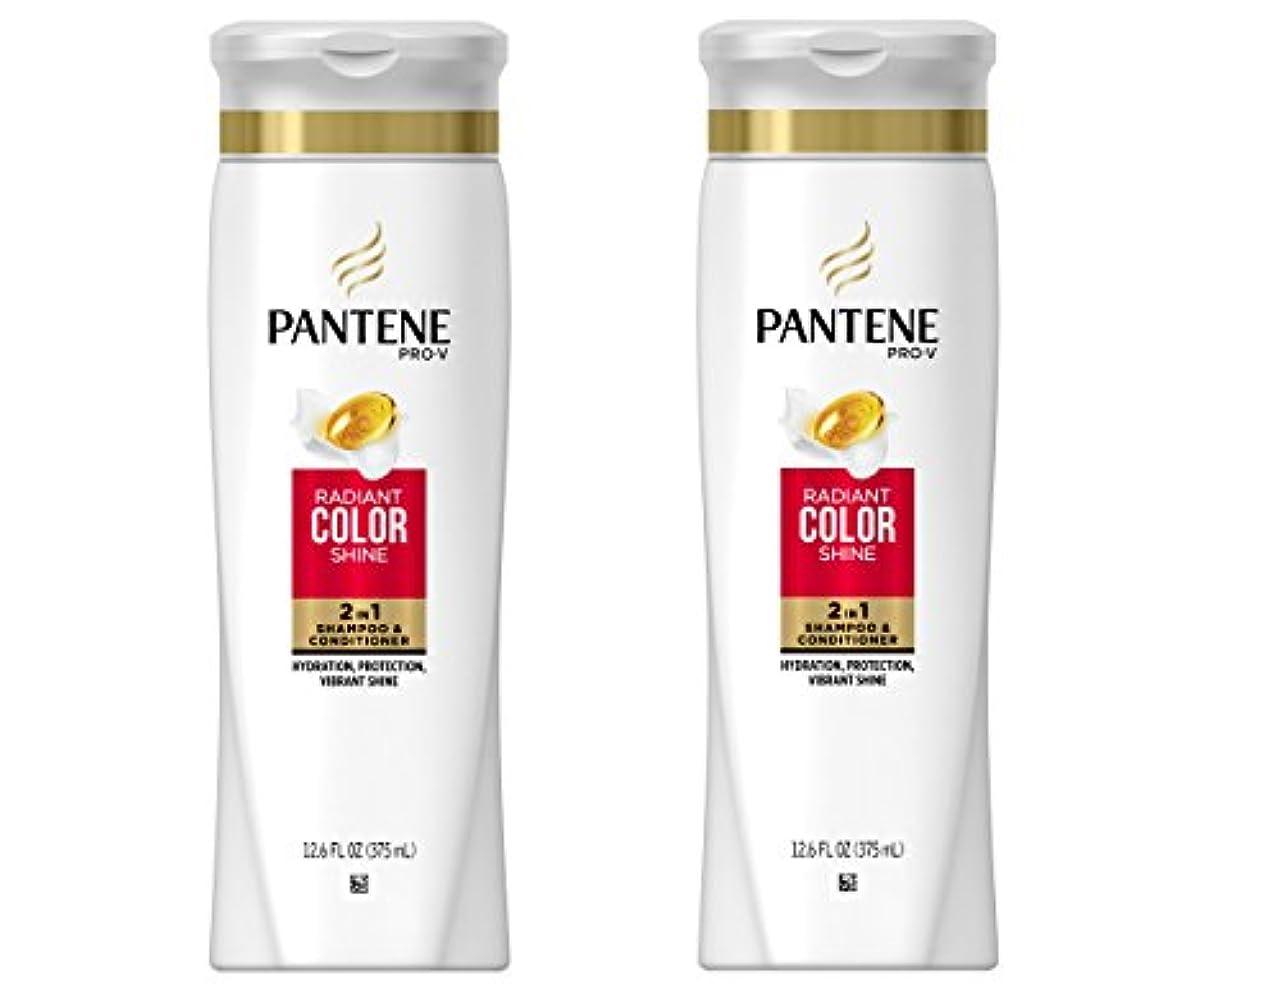 はしご死直径Pantene プロVラディアン色鮮やかな輝きを放つドリームケアの2in1シャンプー&コンディショナーシャイン12.6オズ(2パック) 12.6オンス(2パック) プロV色リバイバル磨きの2in1シャンプーとコンディショナー